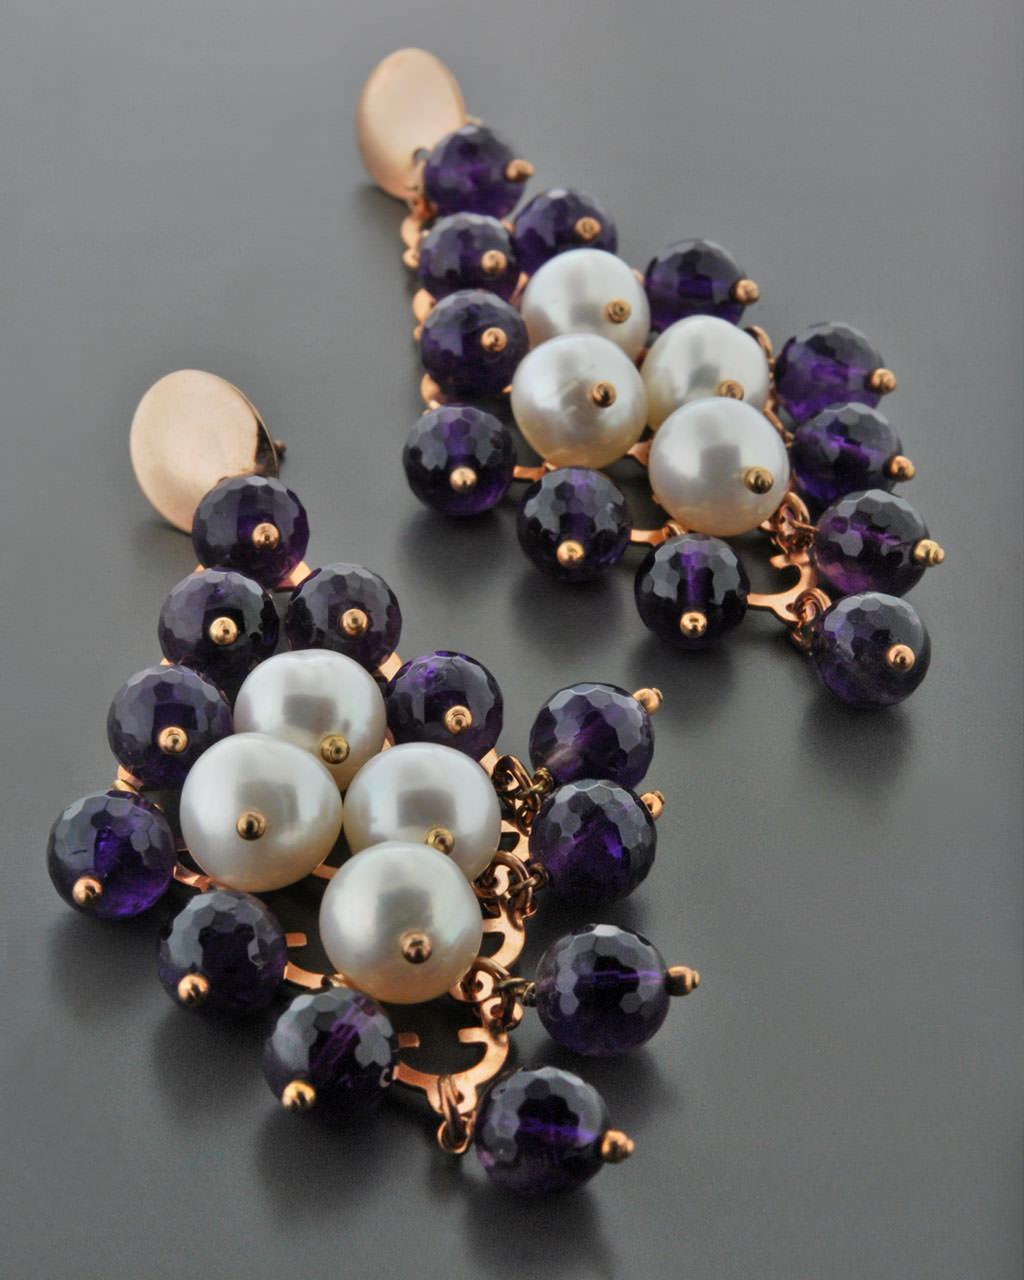 Σκουλαρίκια ασημένια 925 με Αμέθυστο & Μαργαριτάρια   γυναικα σκουλαρίκια σκουλαρίκια μαργαριτάρια